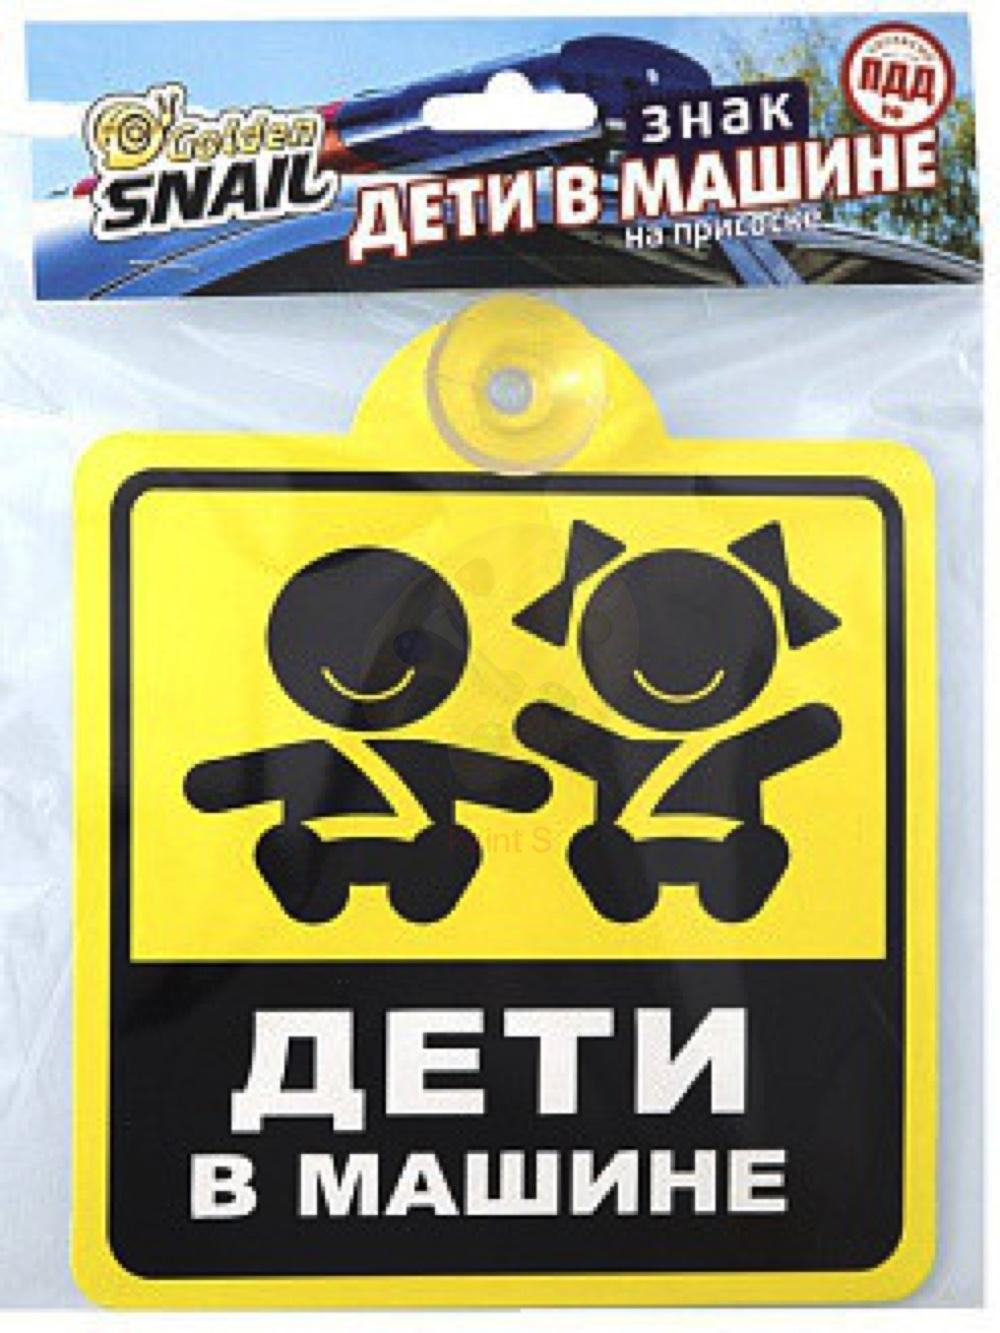 Golden Snail GS 6021162 Табличка АВТО Дети в машине, на присоске наклейка на авто фолиант табличка продается тпп 6